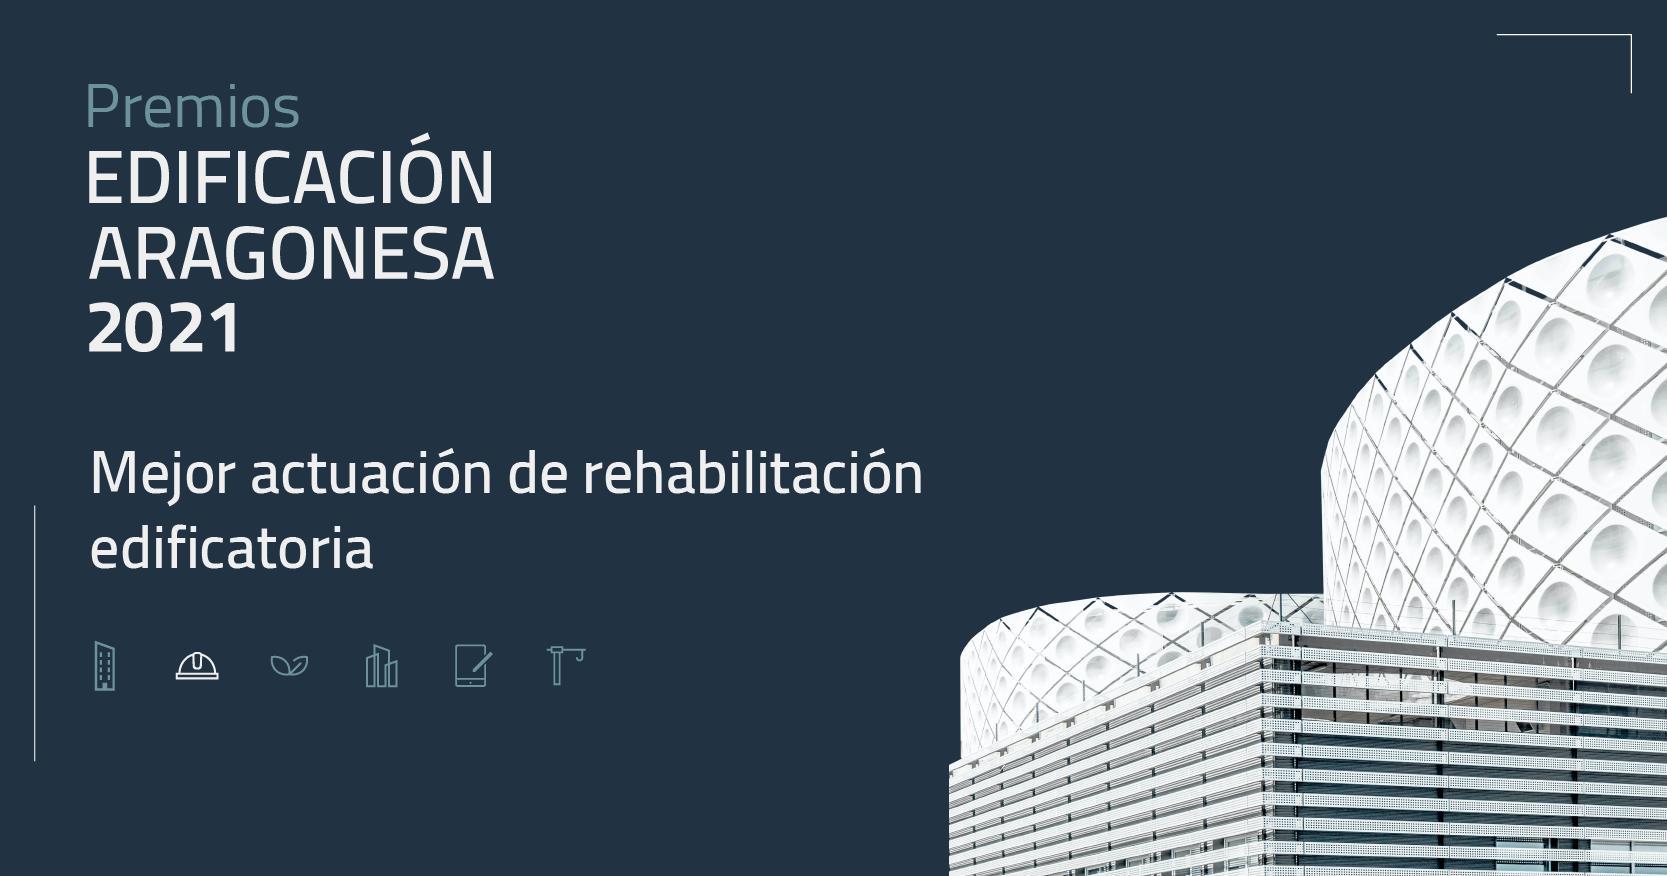 Presentación del jurado para la elección del Premio Mejor actuación de rehabilitación edificatoria.